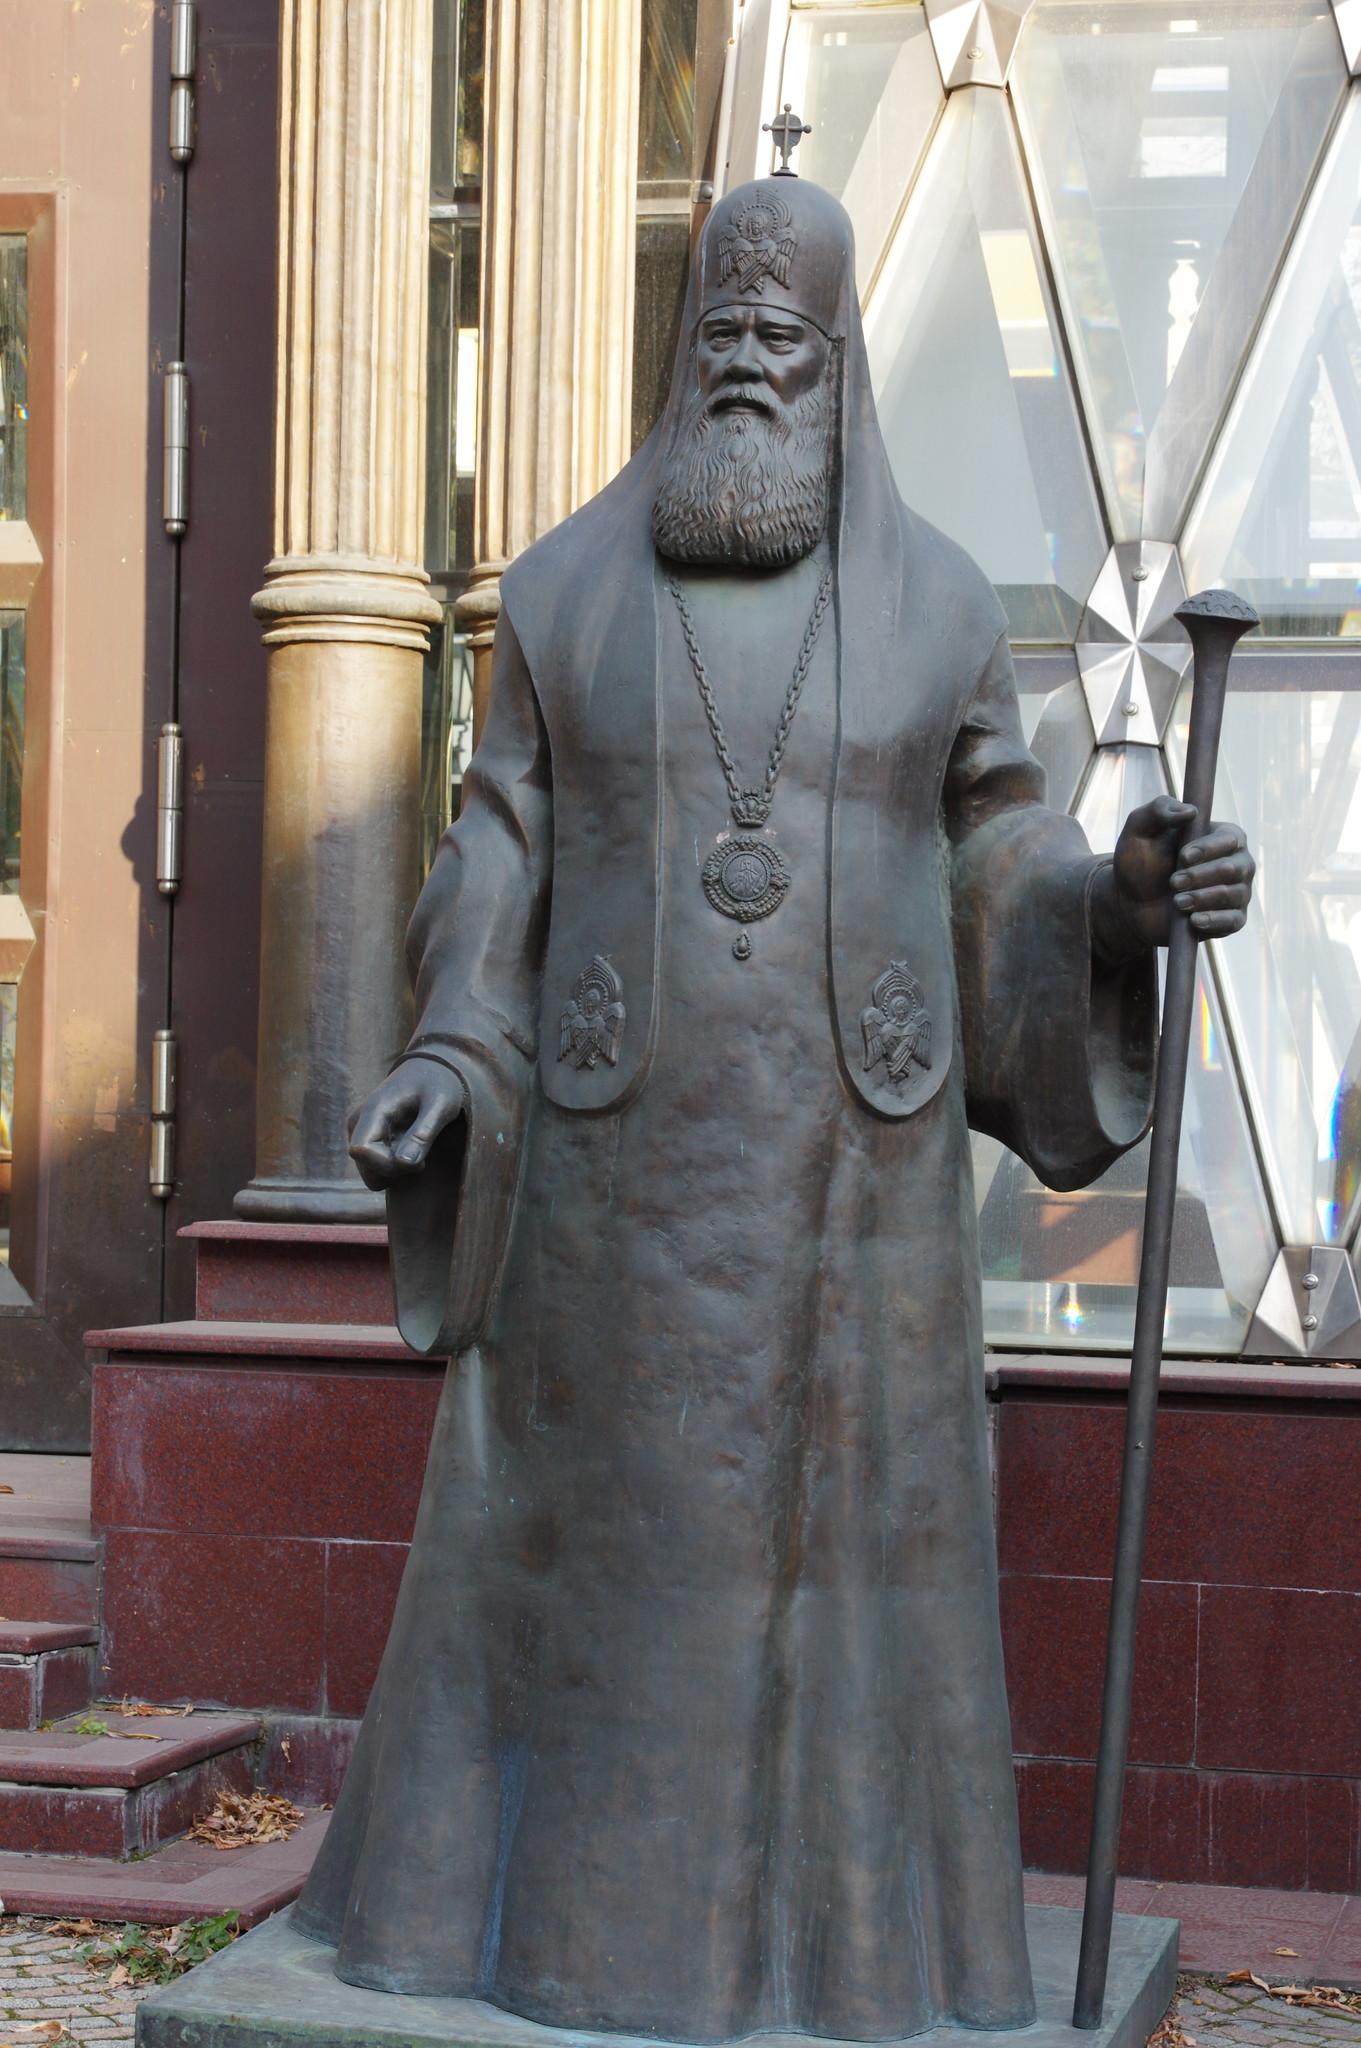 Скульптура патриарха Московского и всея Руси Алексия II у часовни Александра Невского (Хрустальной часовни) в Москве